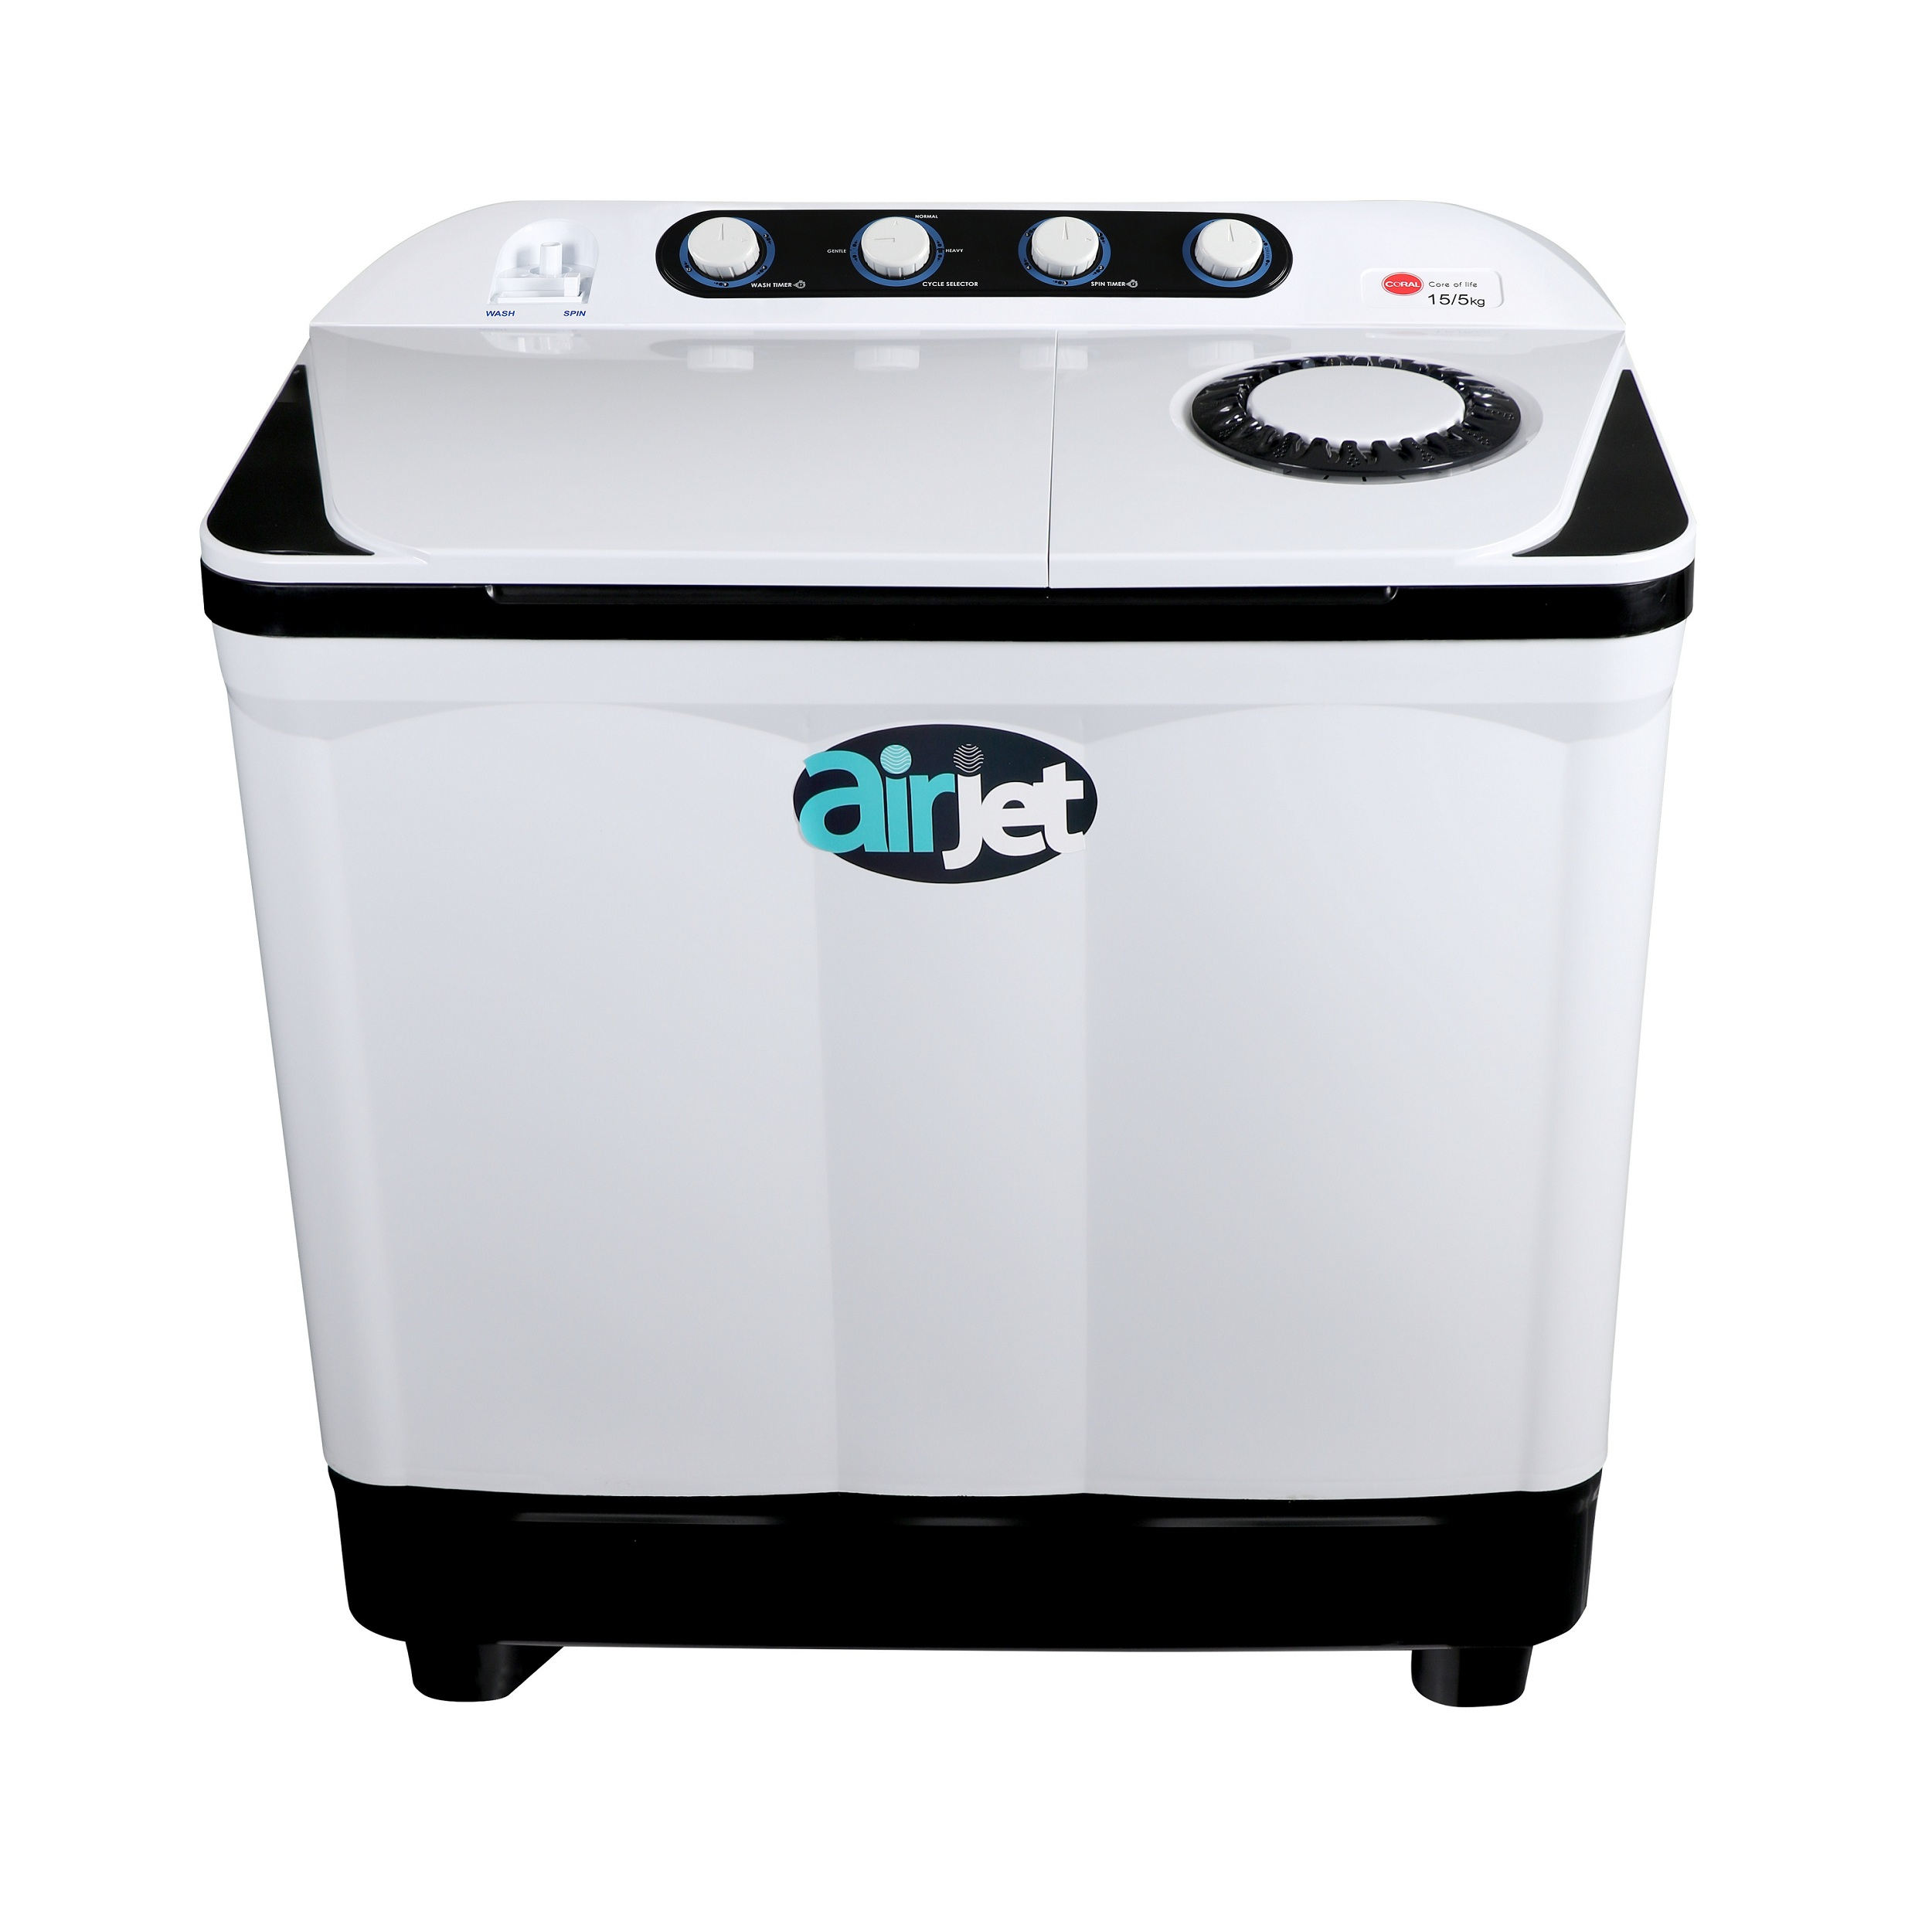 ماشین لباسشویی کرال مدل TTW 15514 FJ ظرفیت 15.5 کیلوگرم